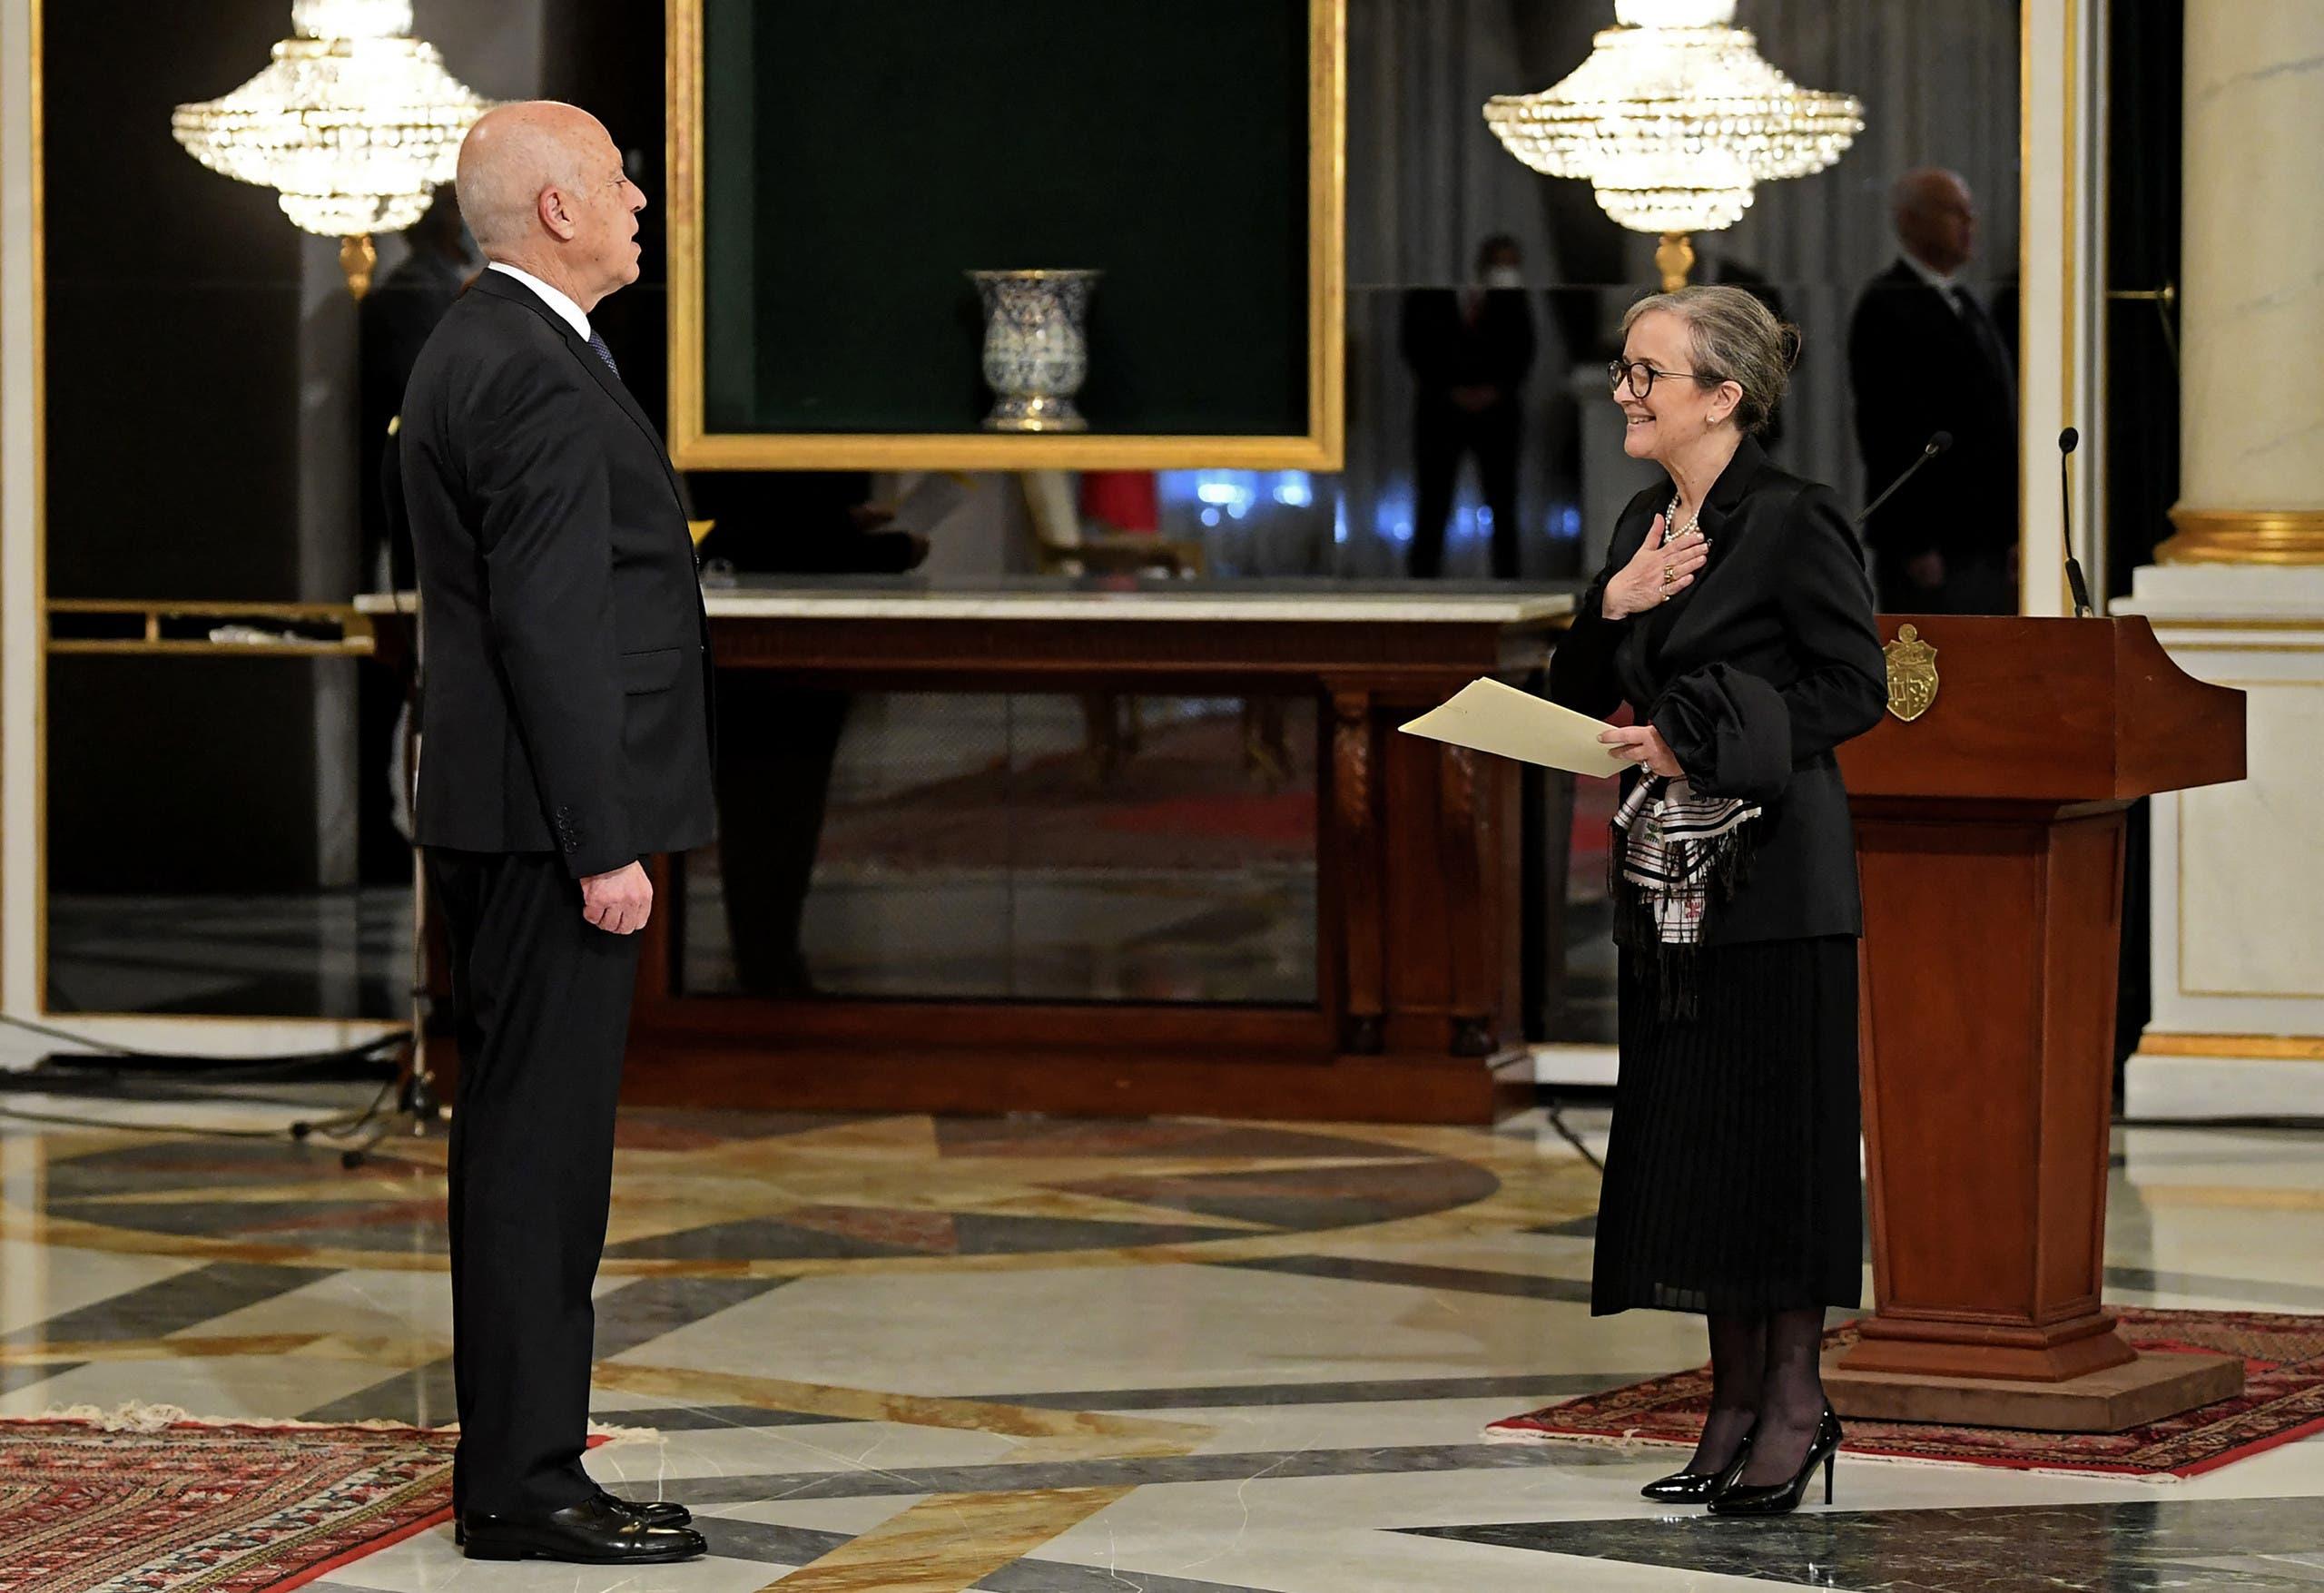 نجلاء بودن تقدم التشكيلة الحكومية الجديدة إلى الرئيس التونسي قيس سعيد (فرانس برس)